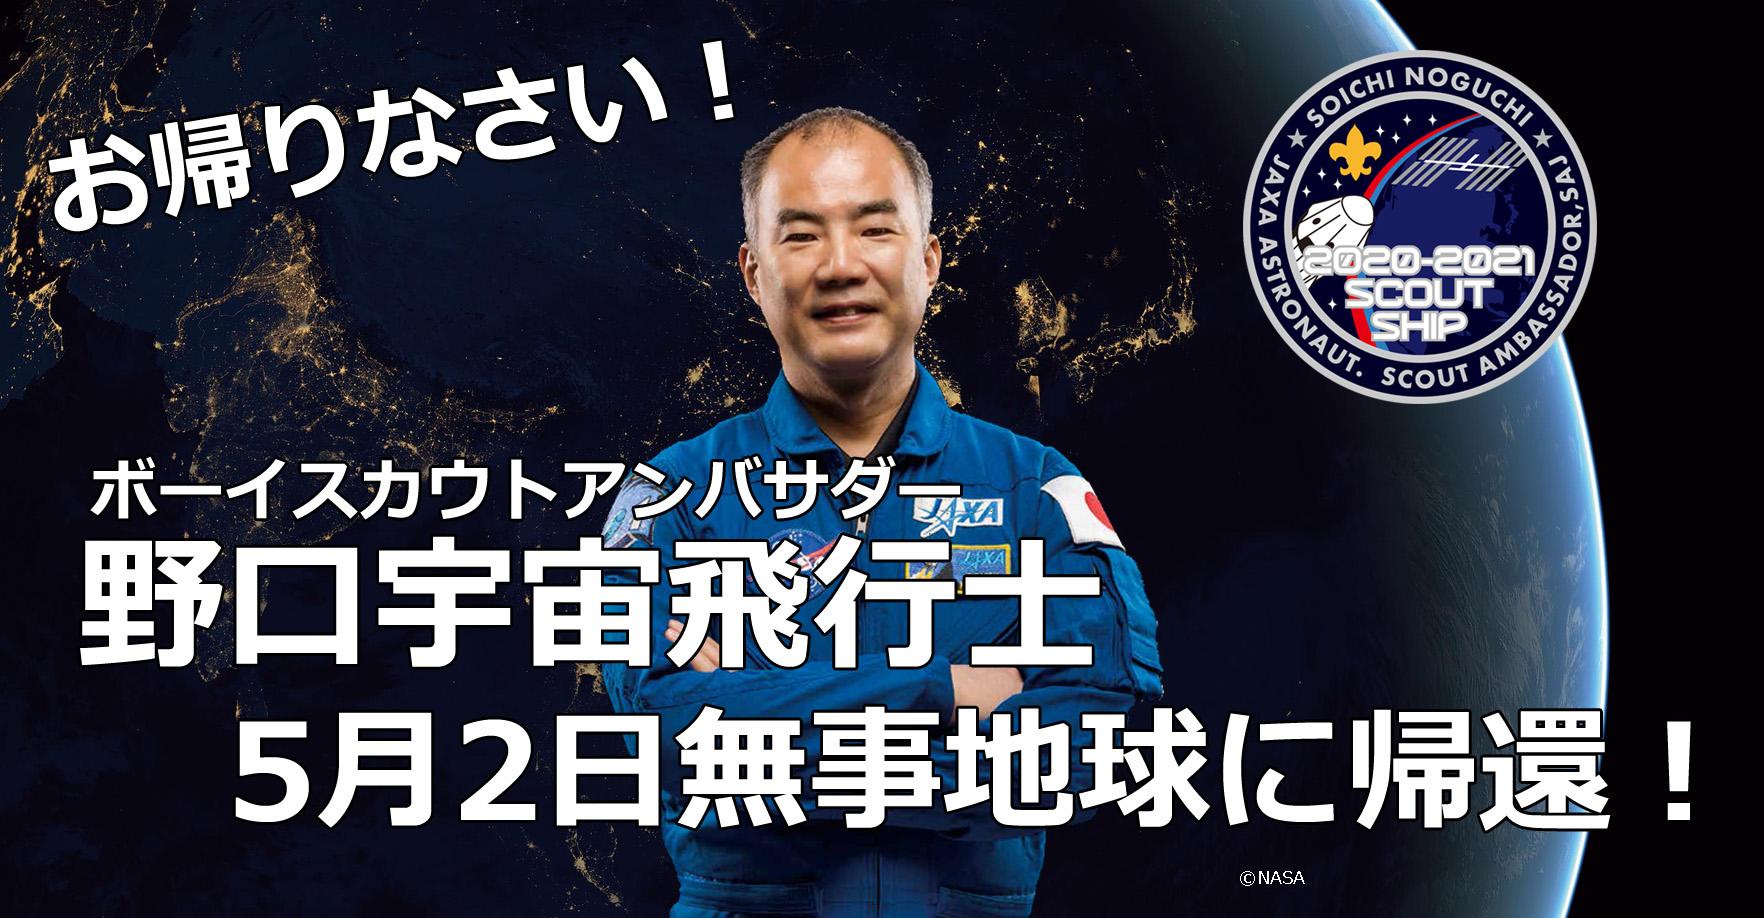 ボーイスカウトアンバサダー野口宇宙飛行士5月2日無事地球に帰還!